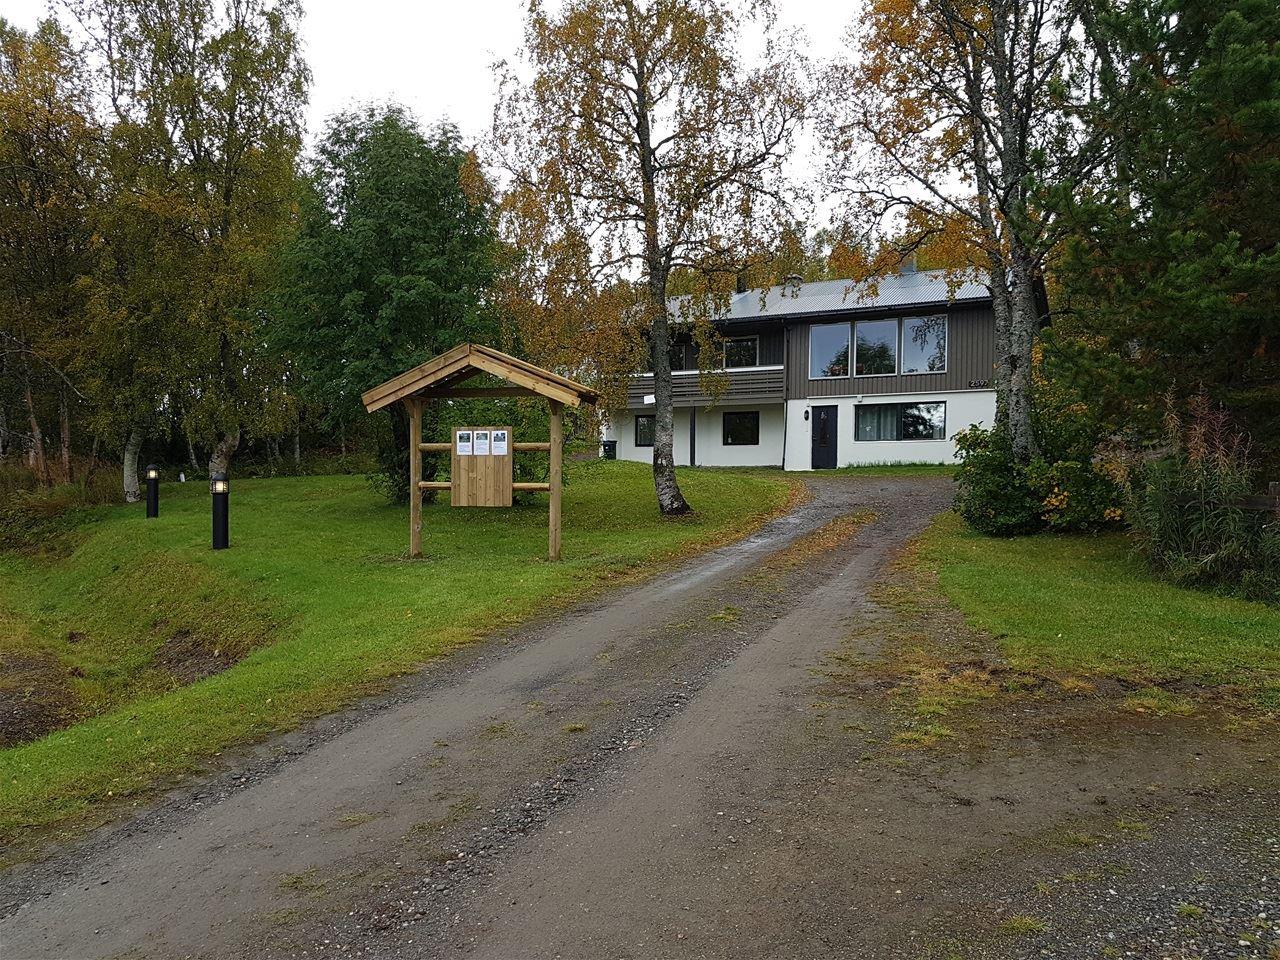 Varntresk Utleie og Turisme,  © Helgeland Reiseliv as, Flott utleiehus i Varntresk